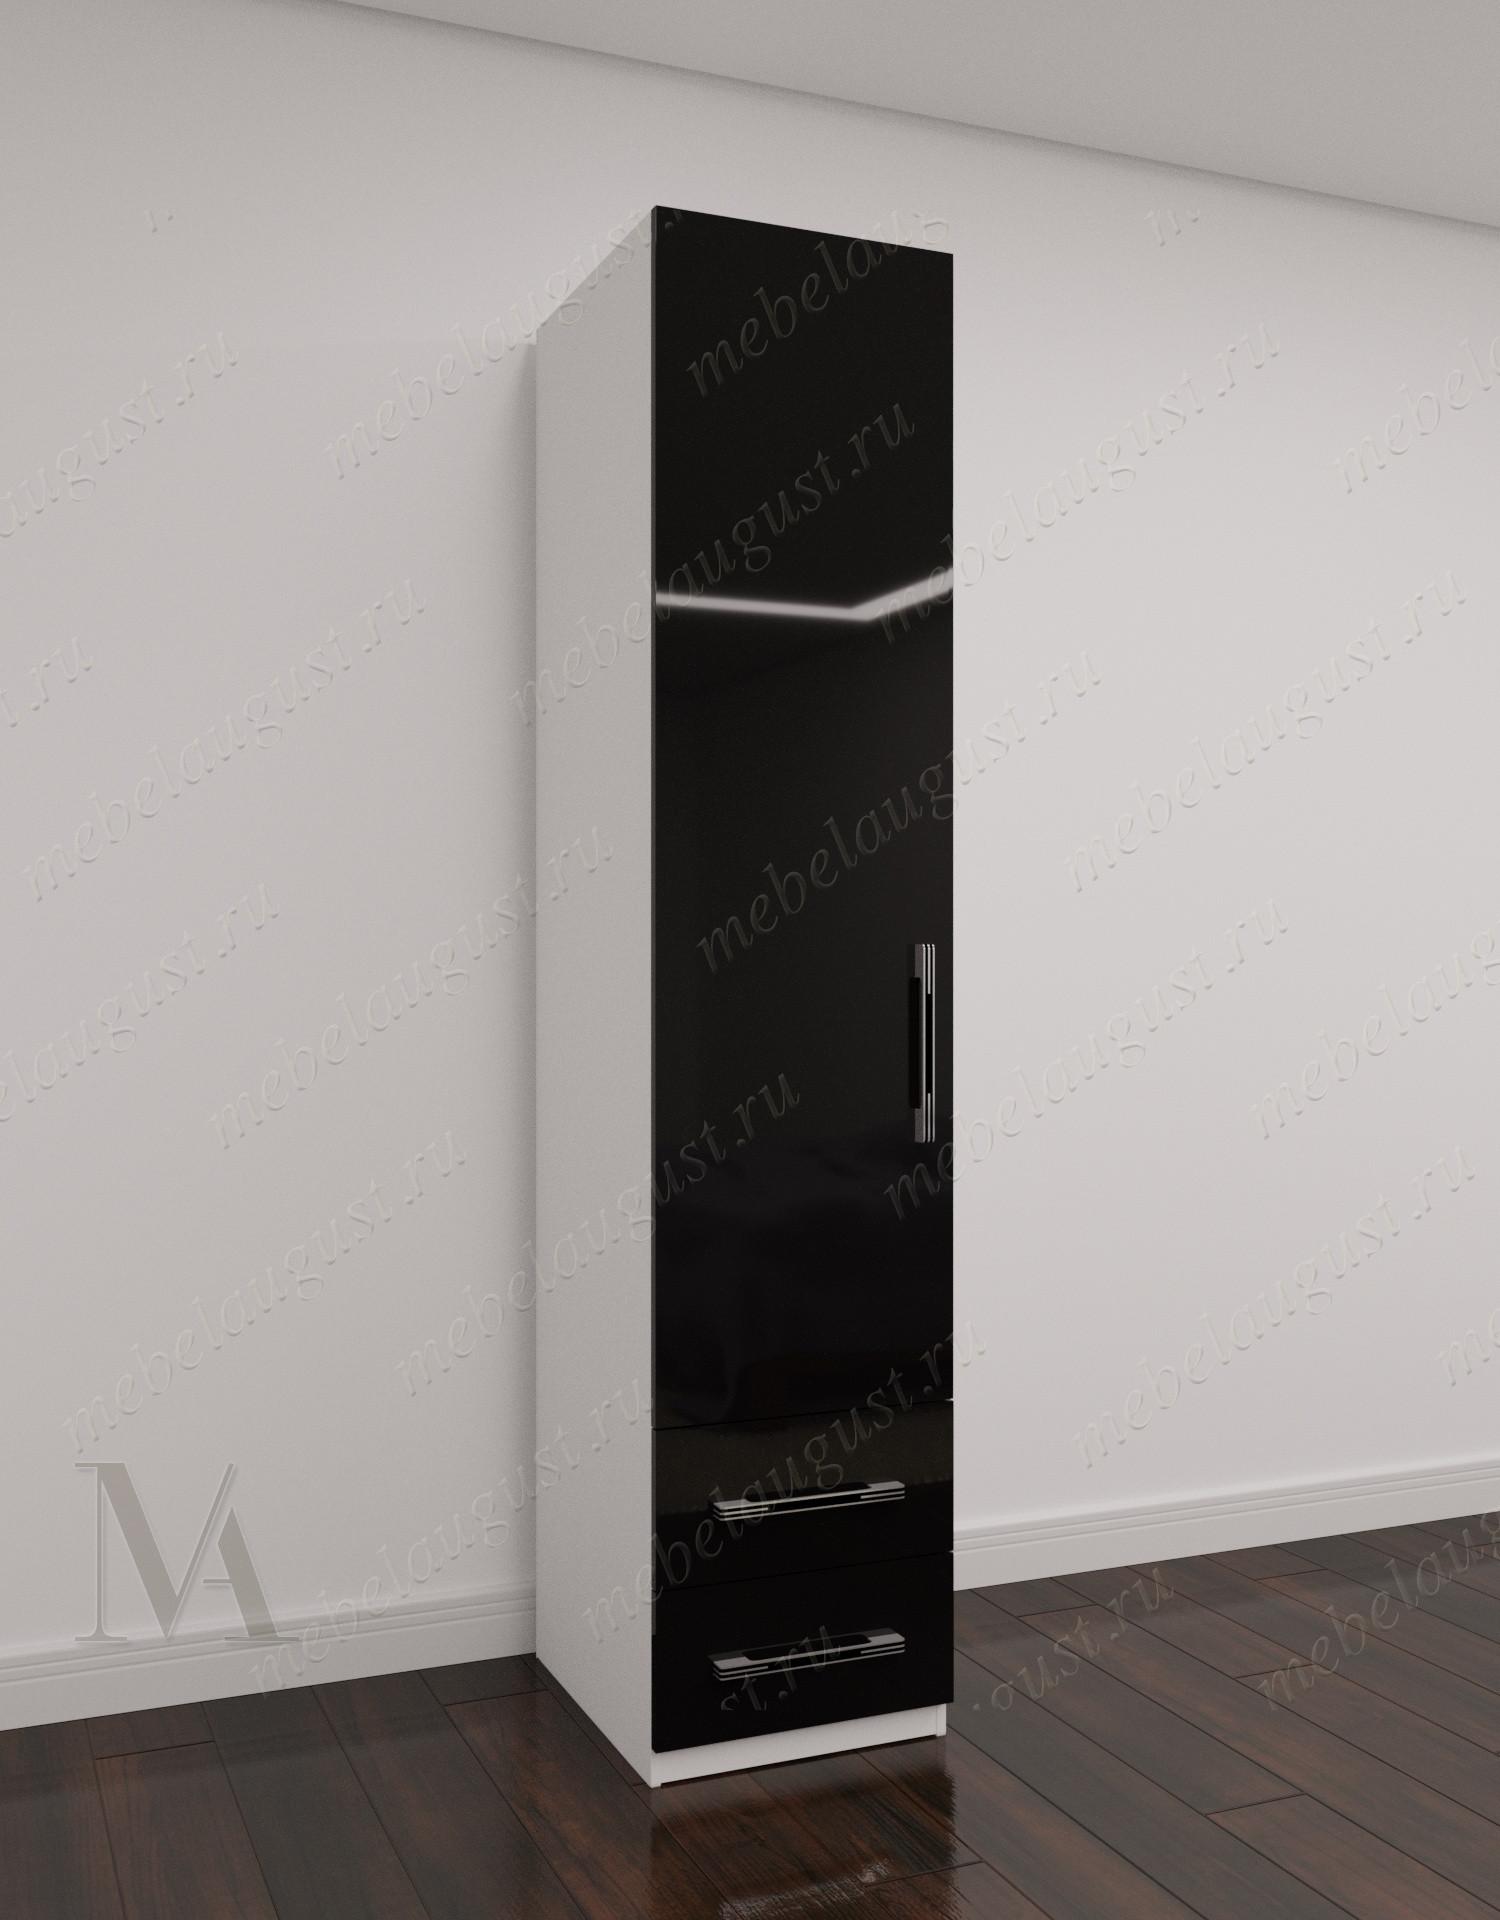 Черно-белый глянцевый узкий распашной шкаф для одежды в прихожую с выдвижными ящиками